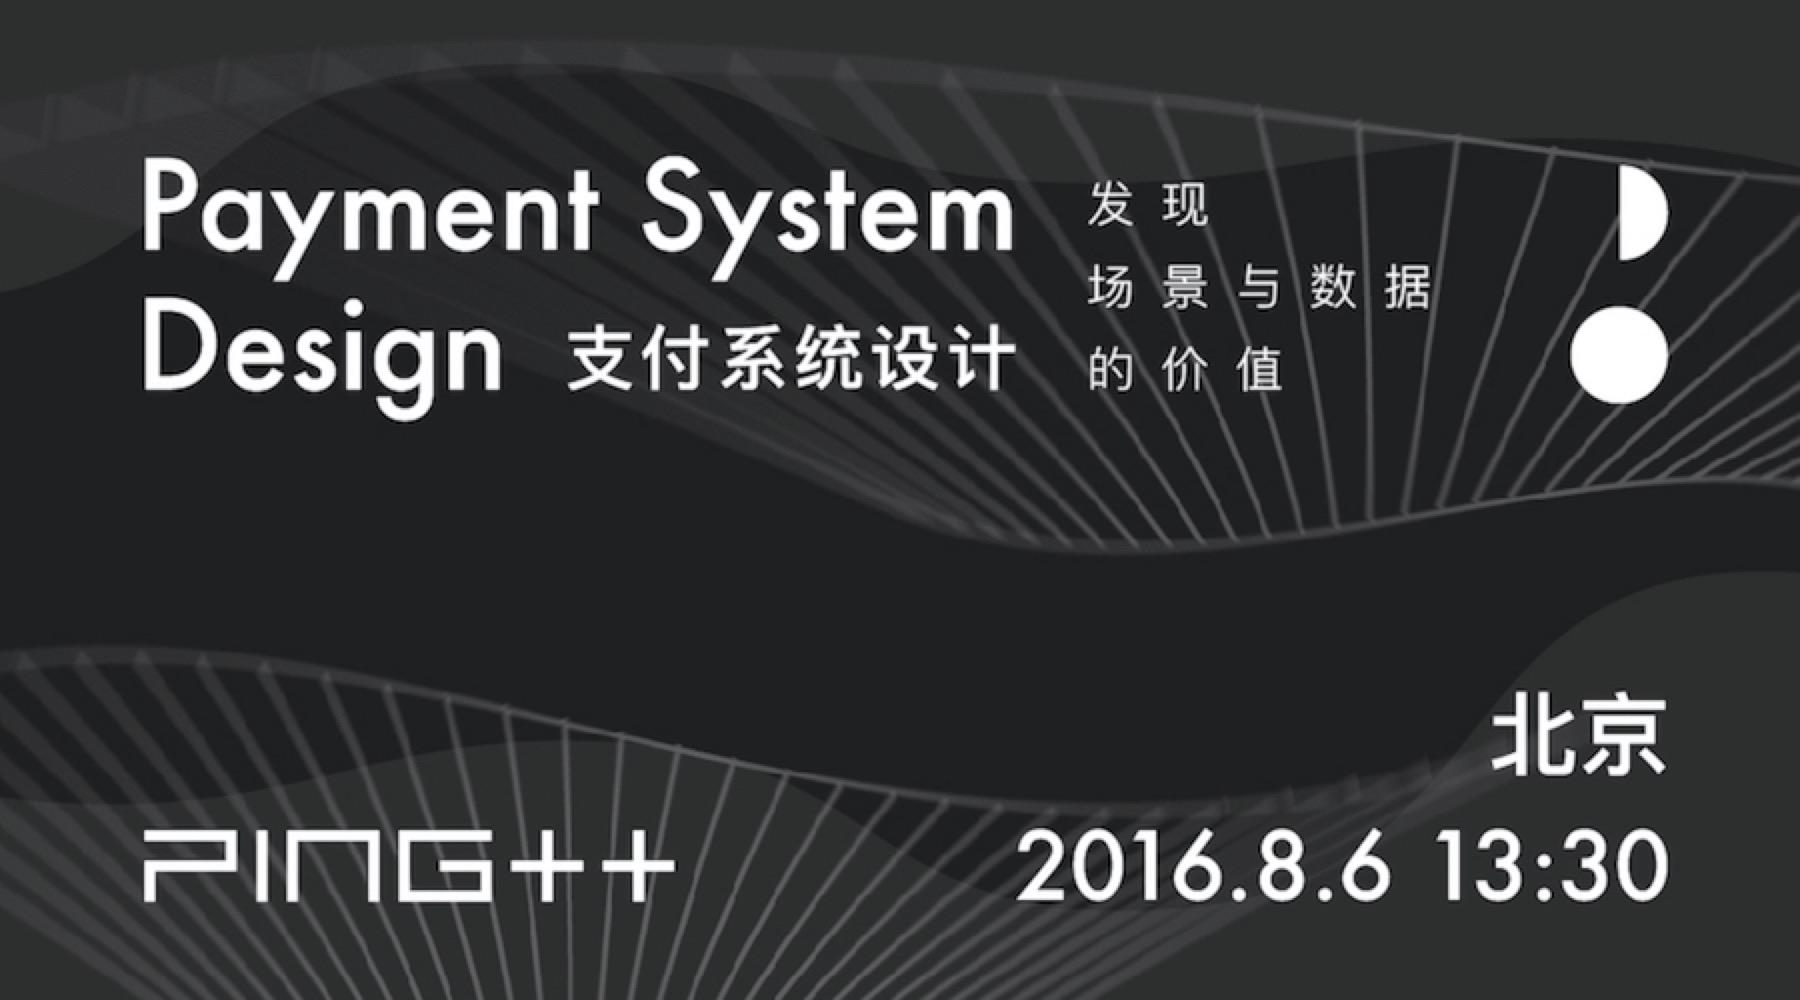 Ping++-BJ-0806-TT